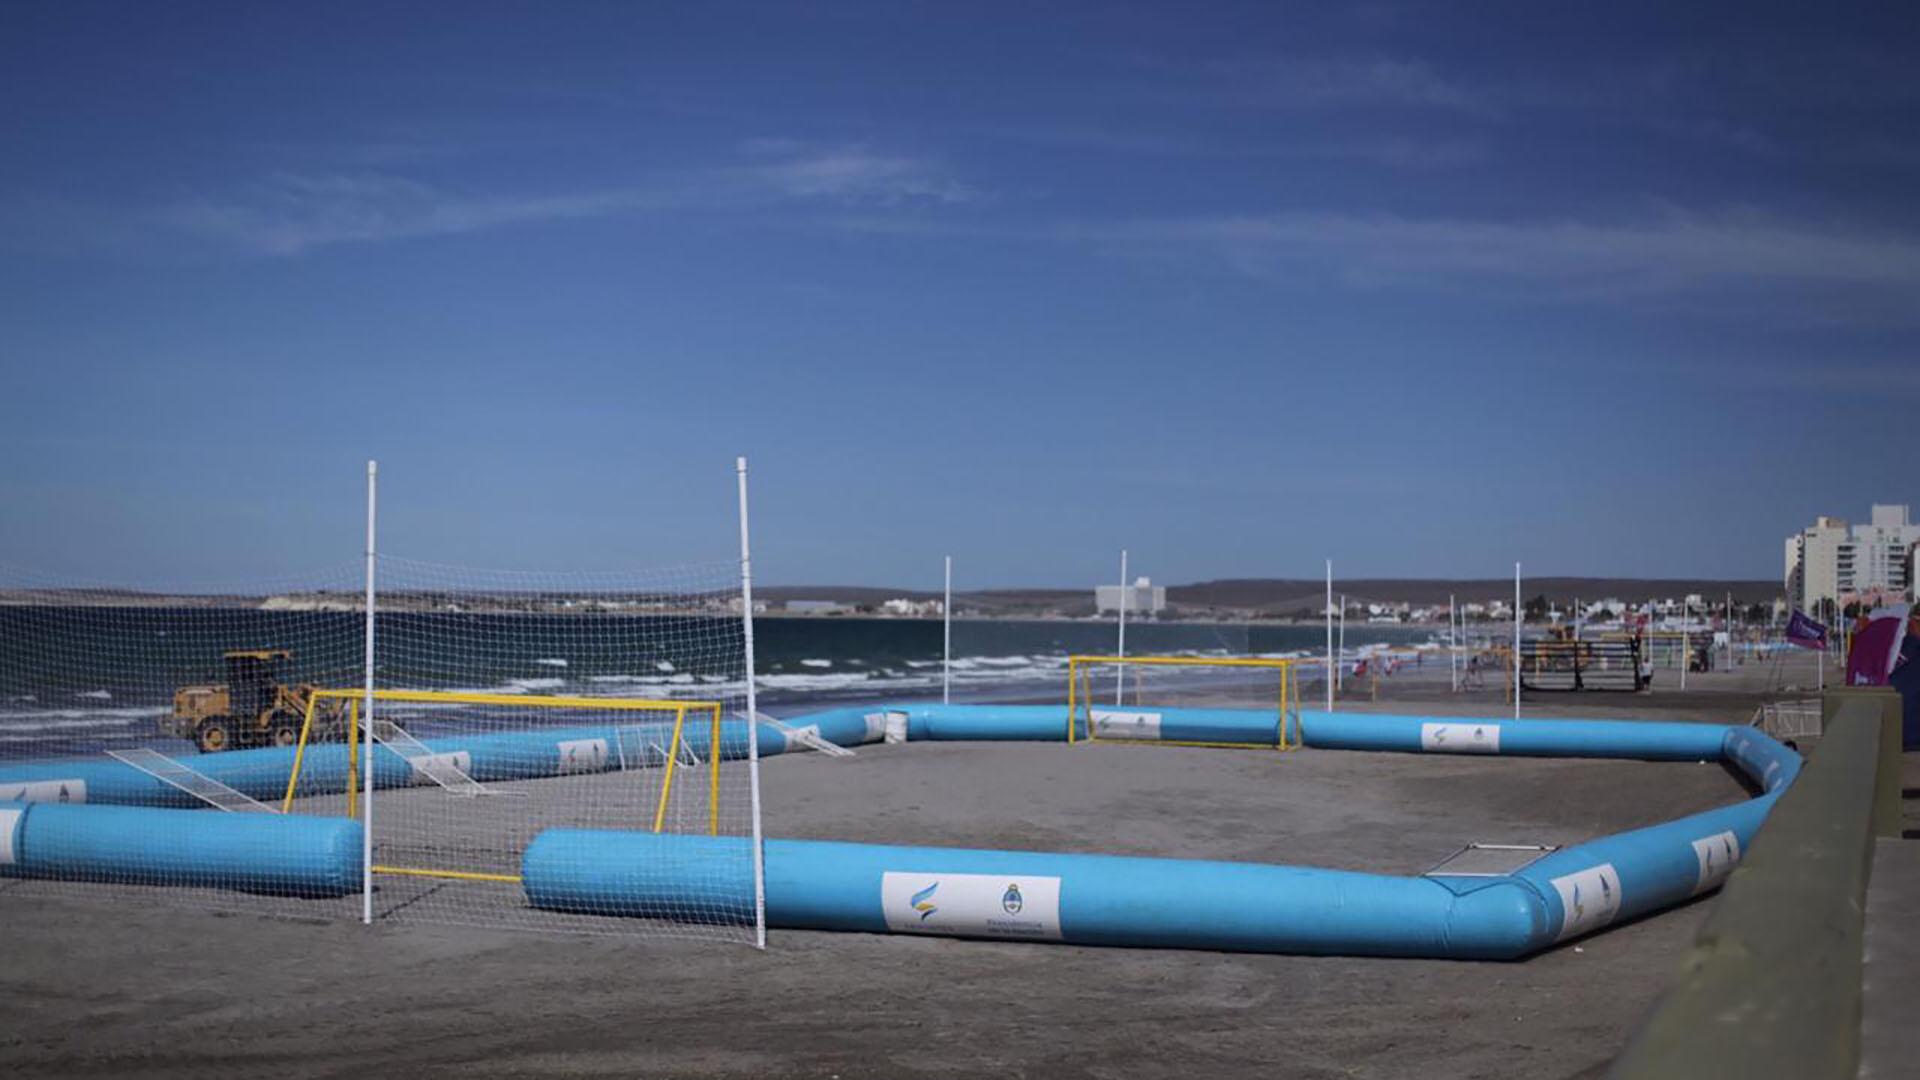 Así es la cancha donde se disputarán los partidos de fútbol playa